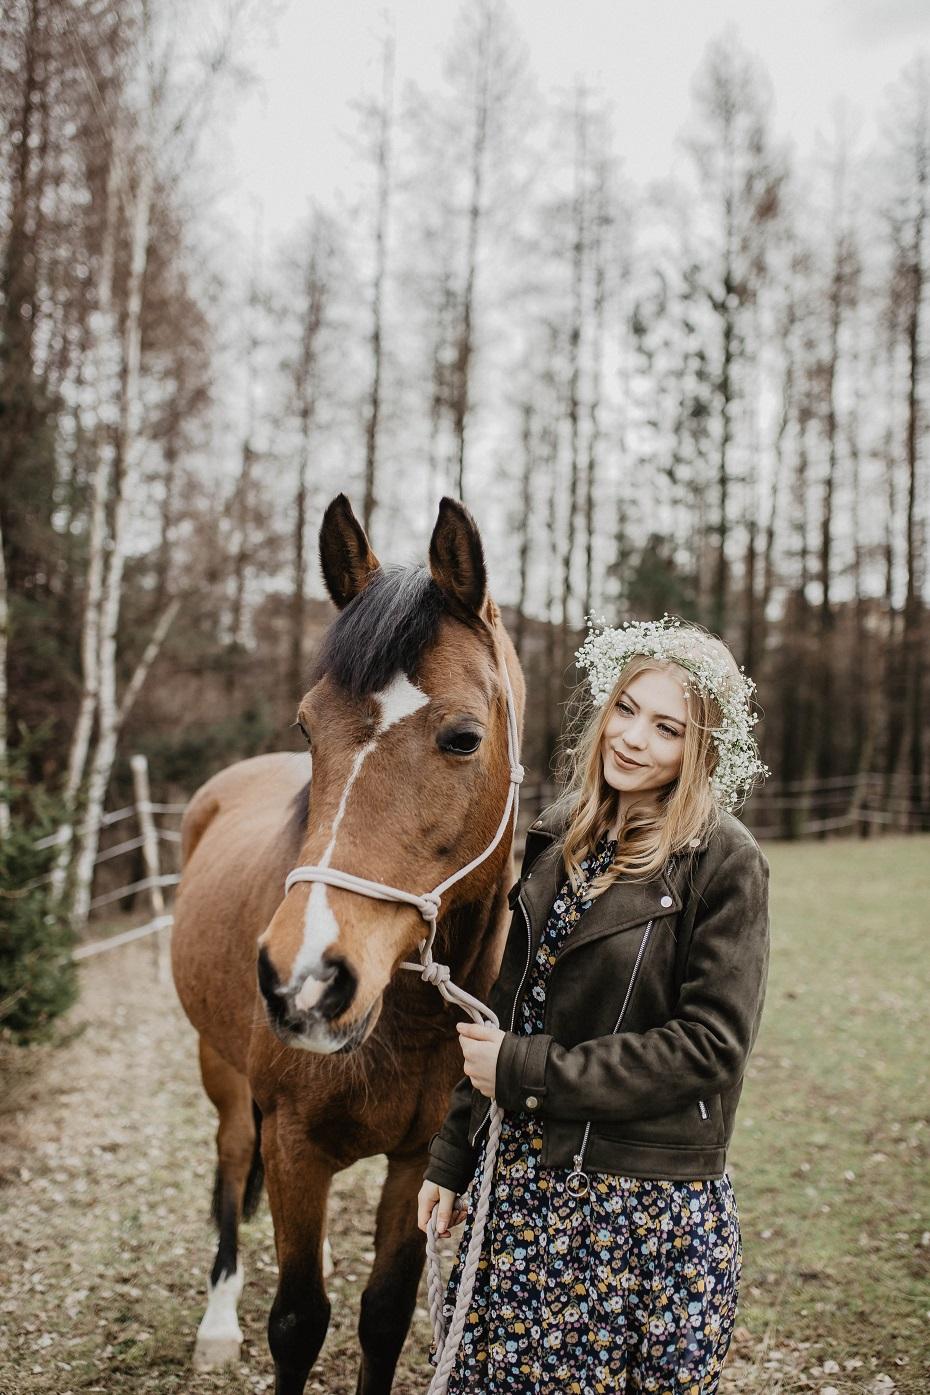 Zdjęcia z koniem